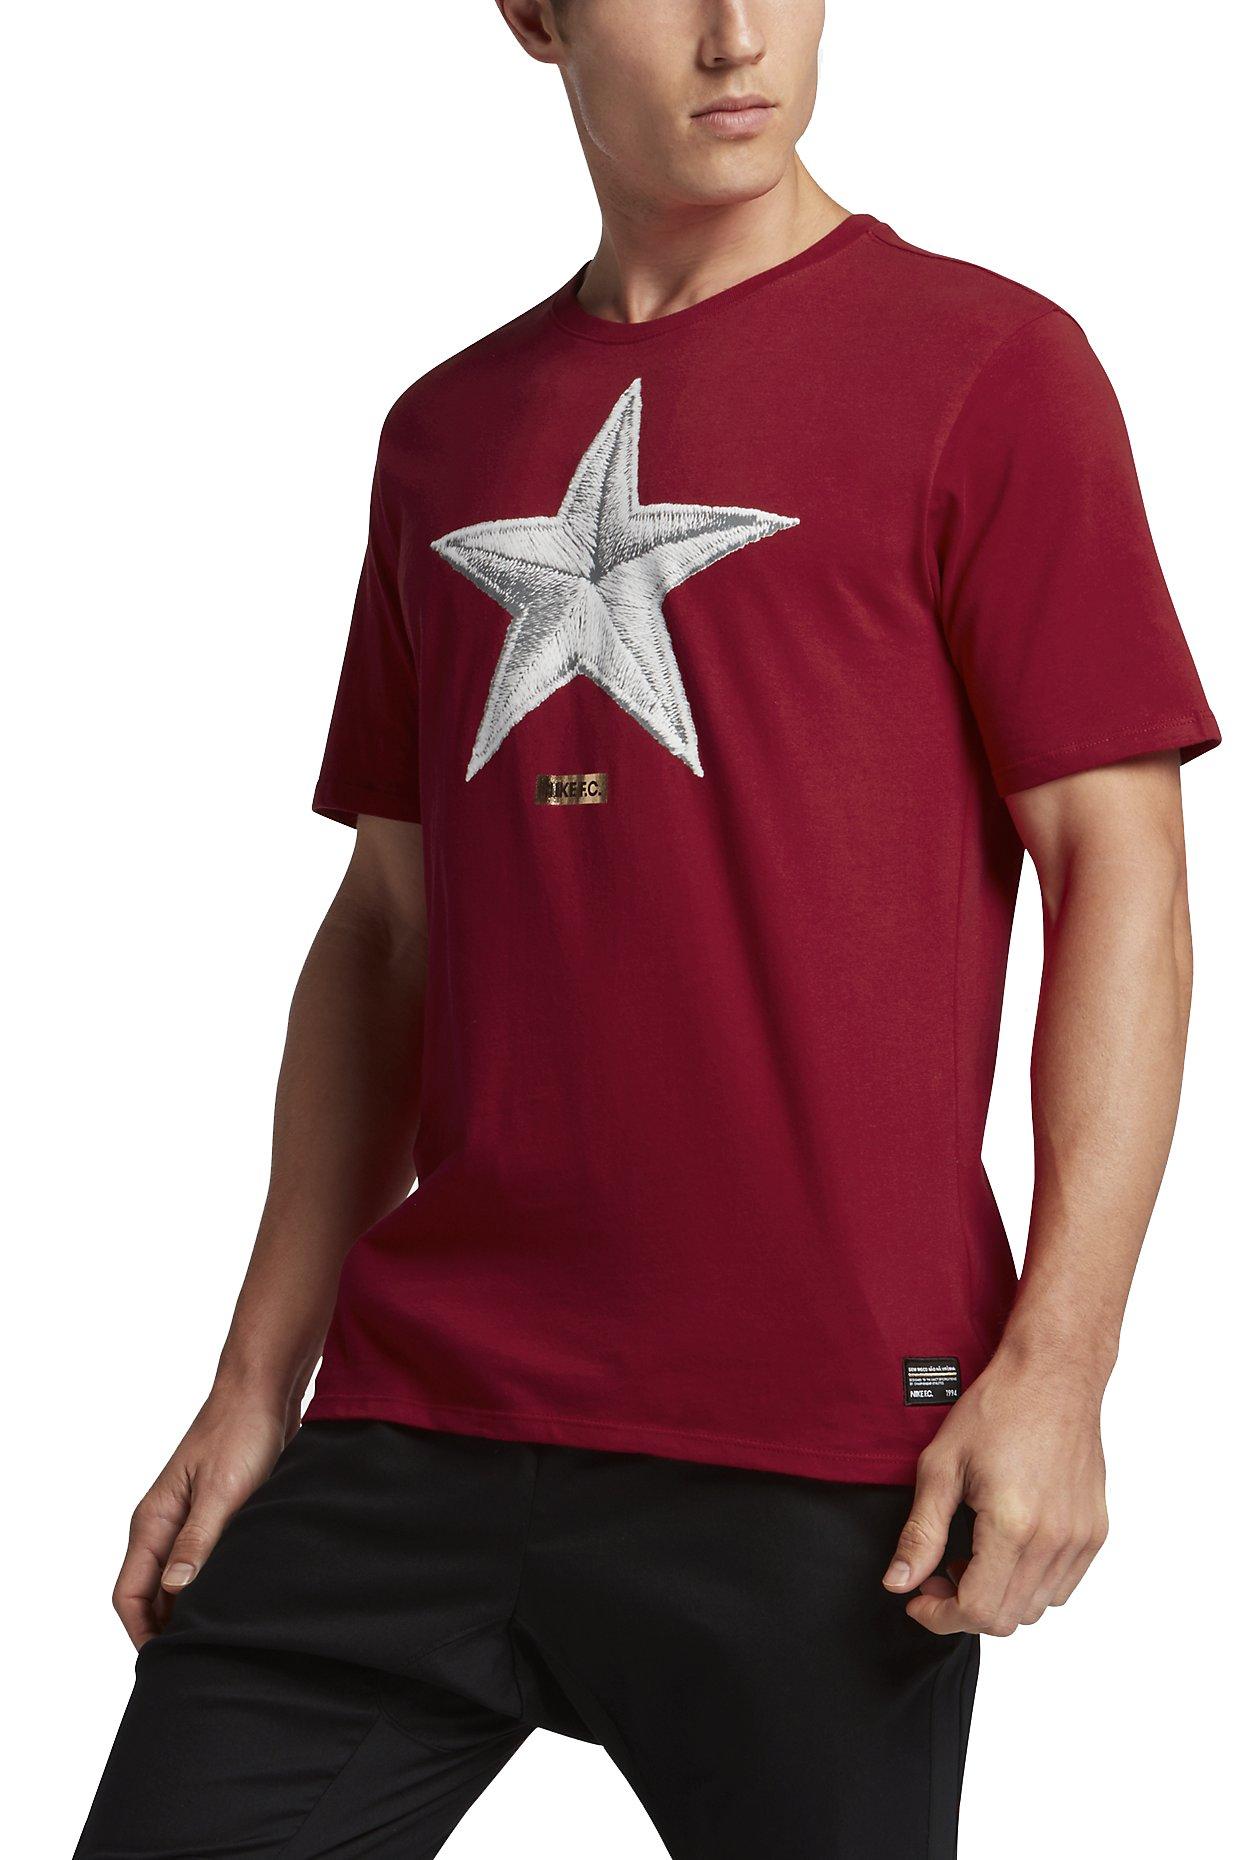 Tričko Nike FC STAR TEE